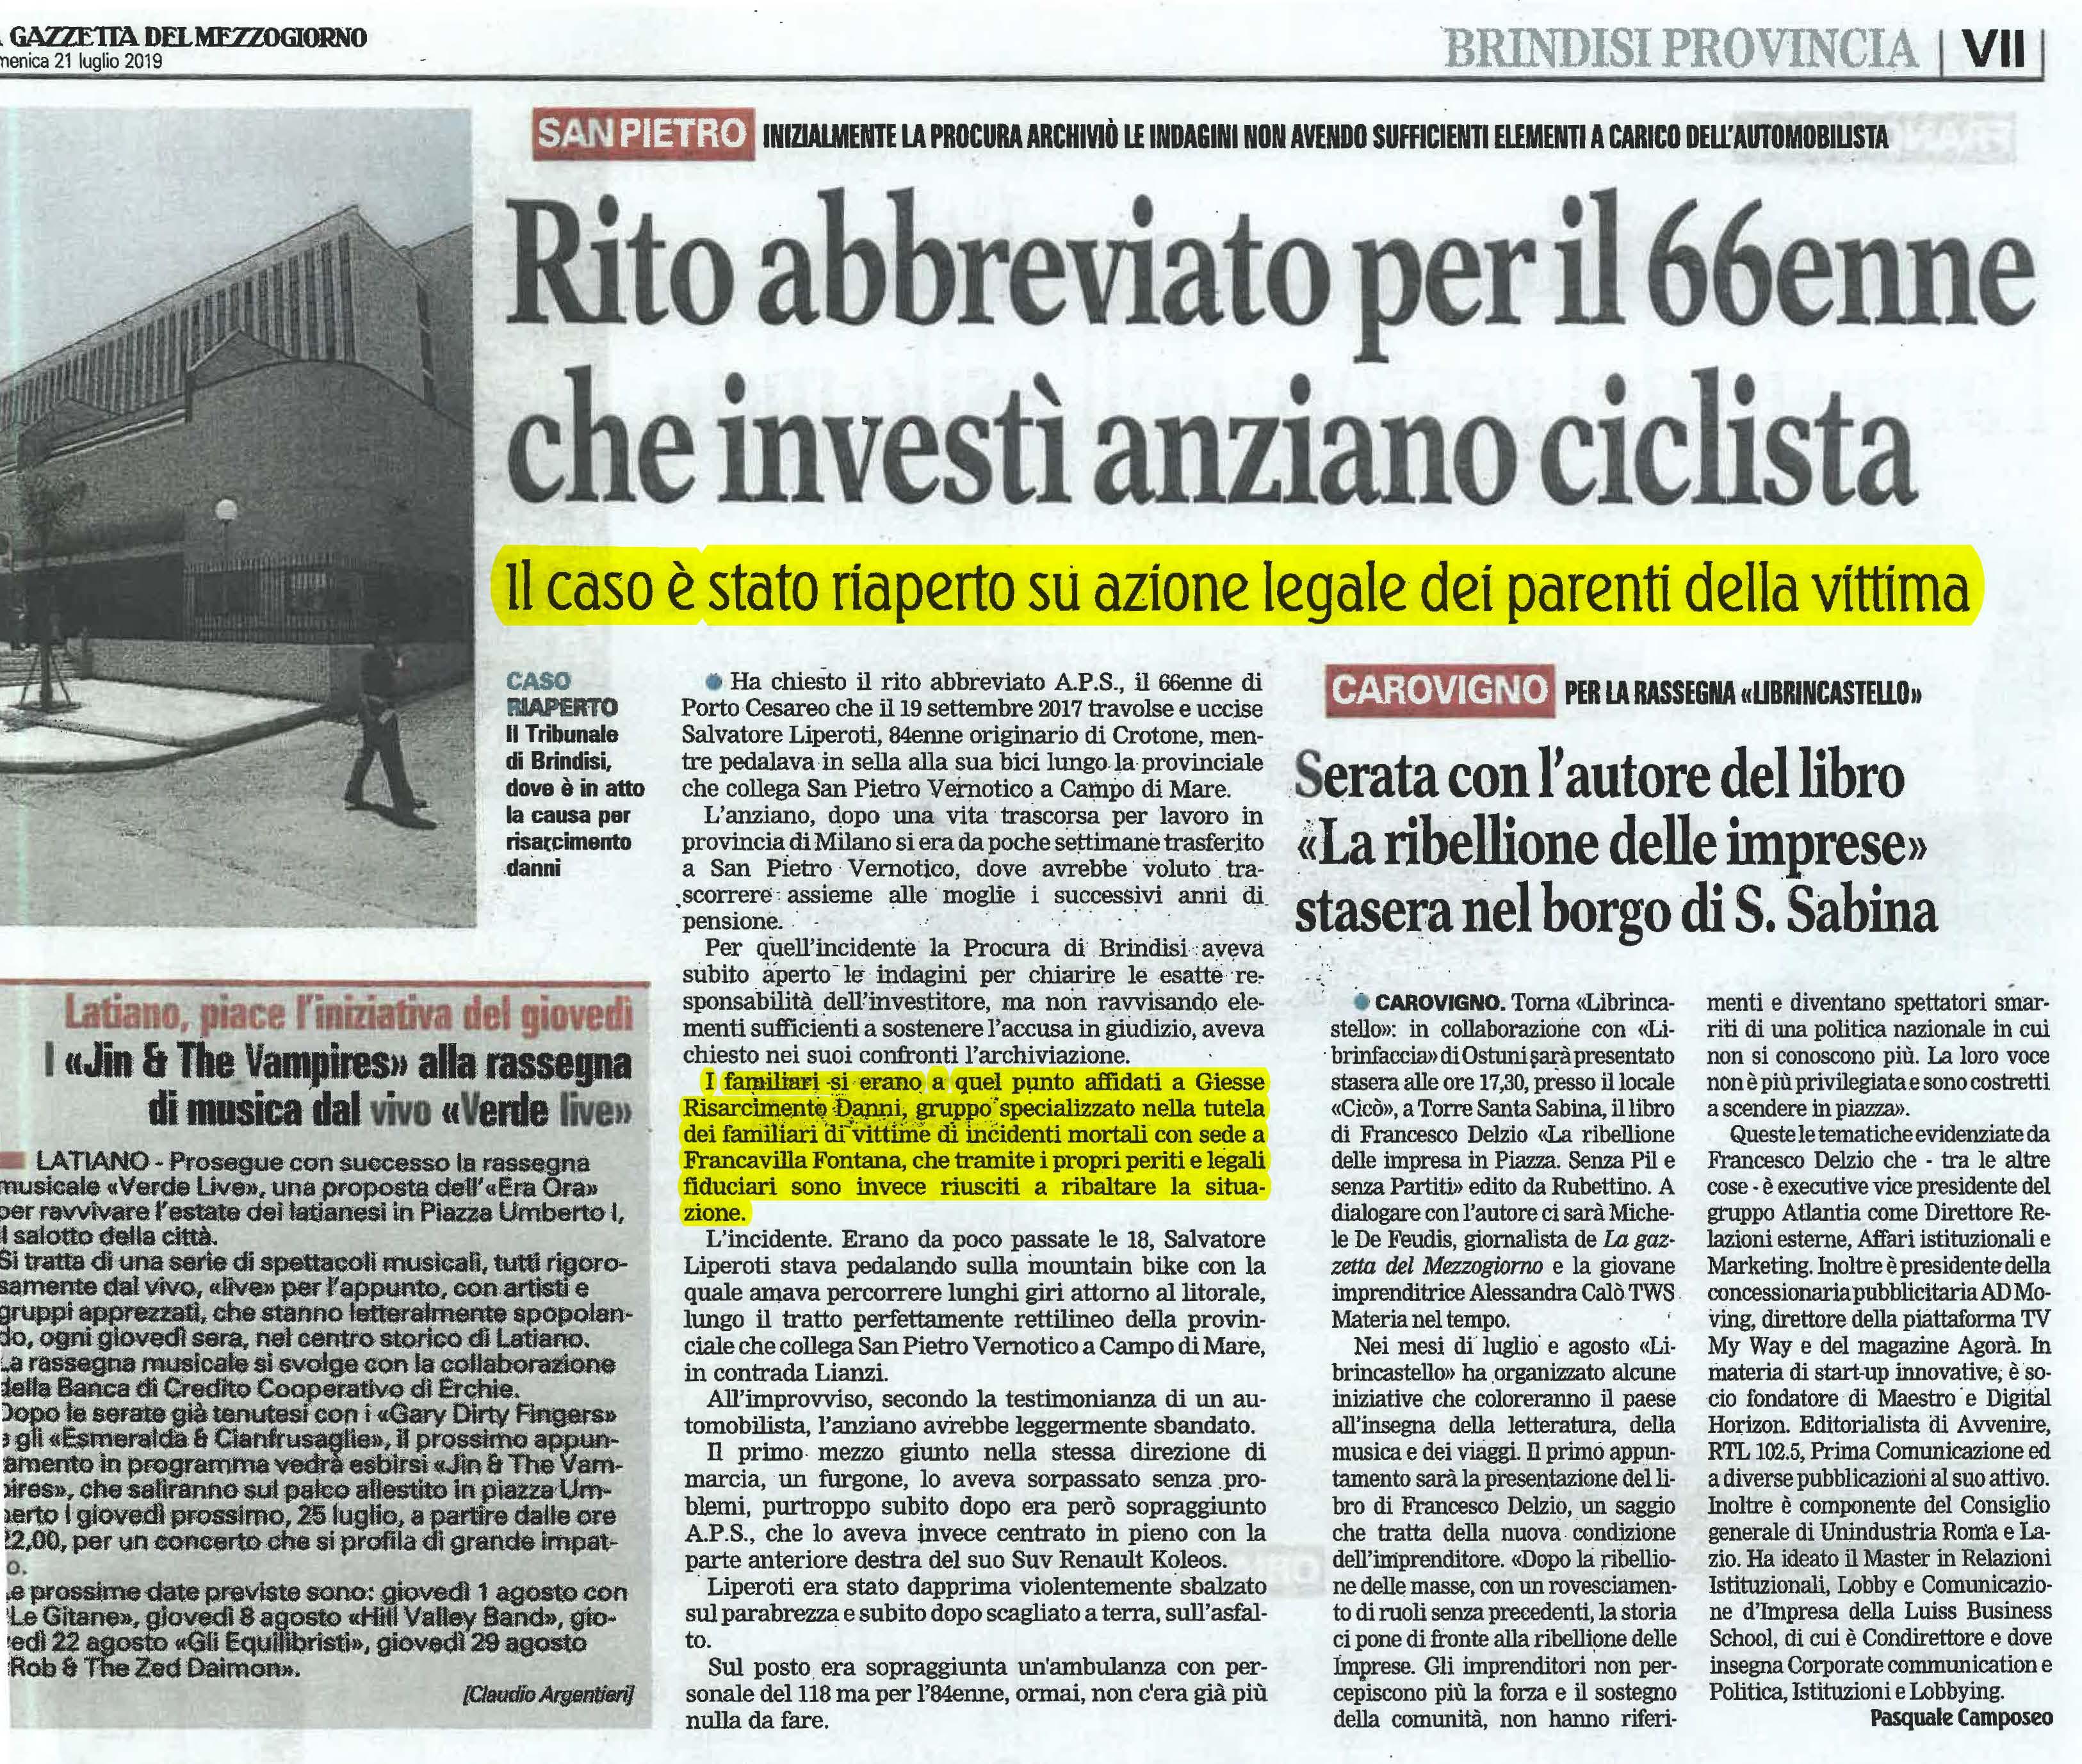 Incidente mortale ciclista Brindisi risarcimento danni